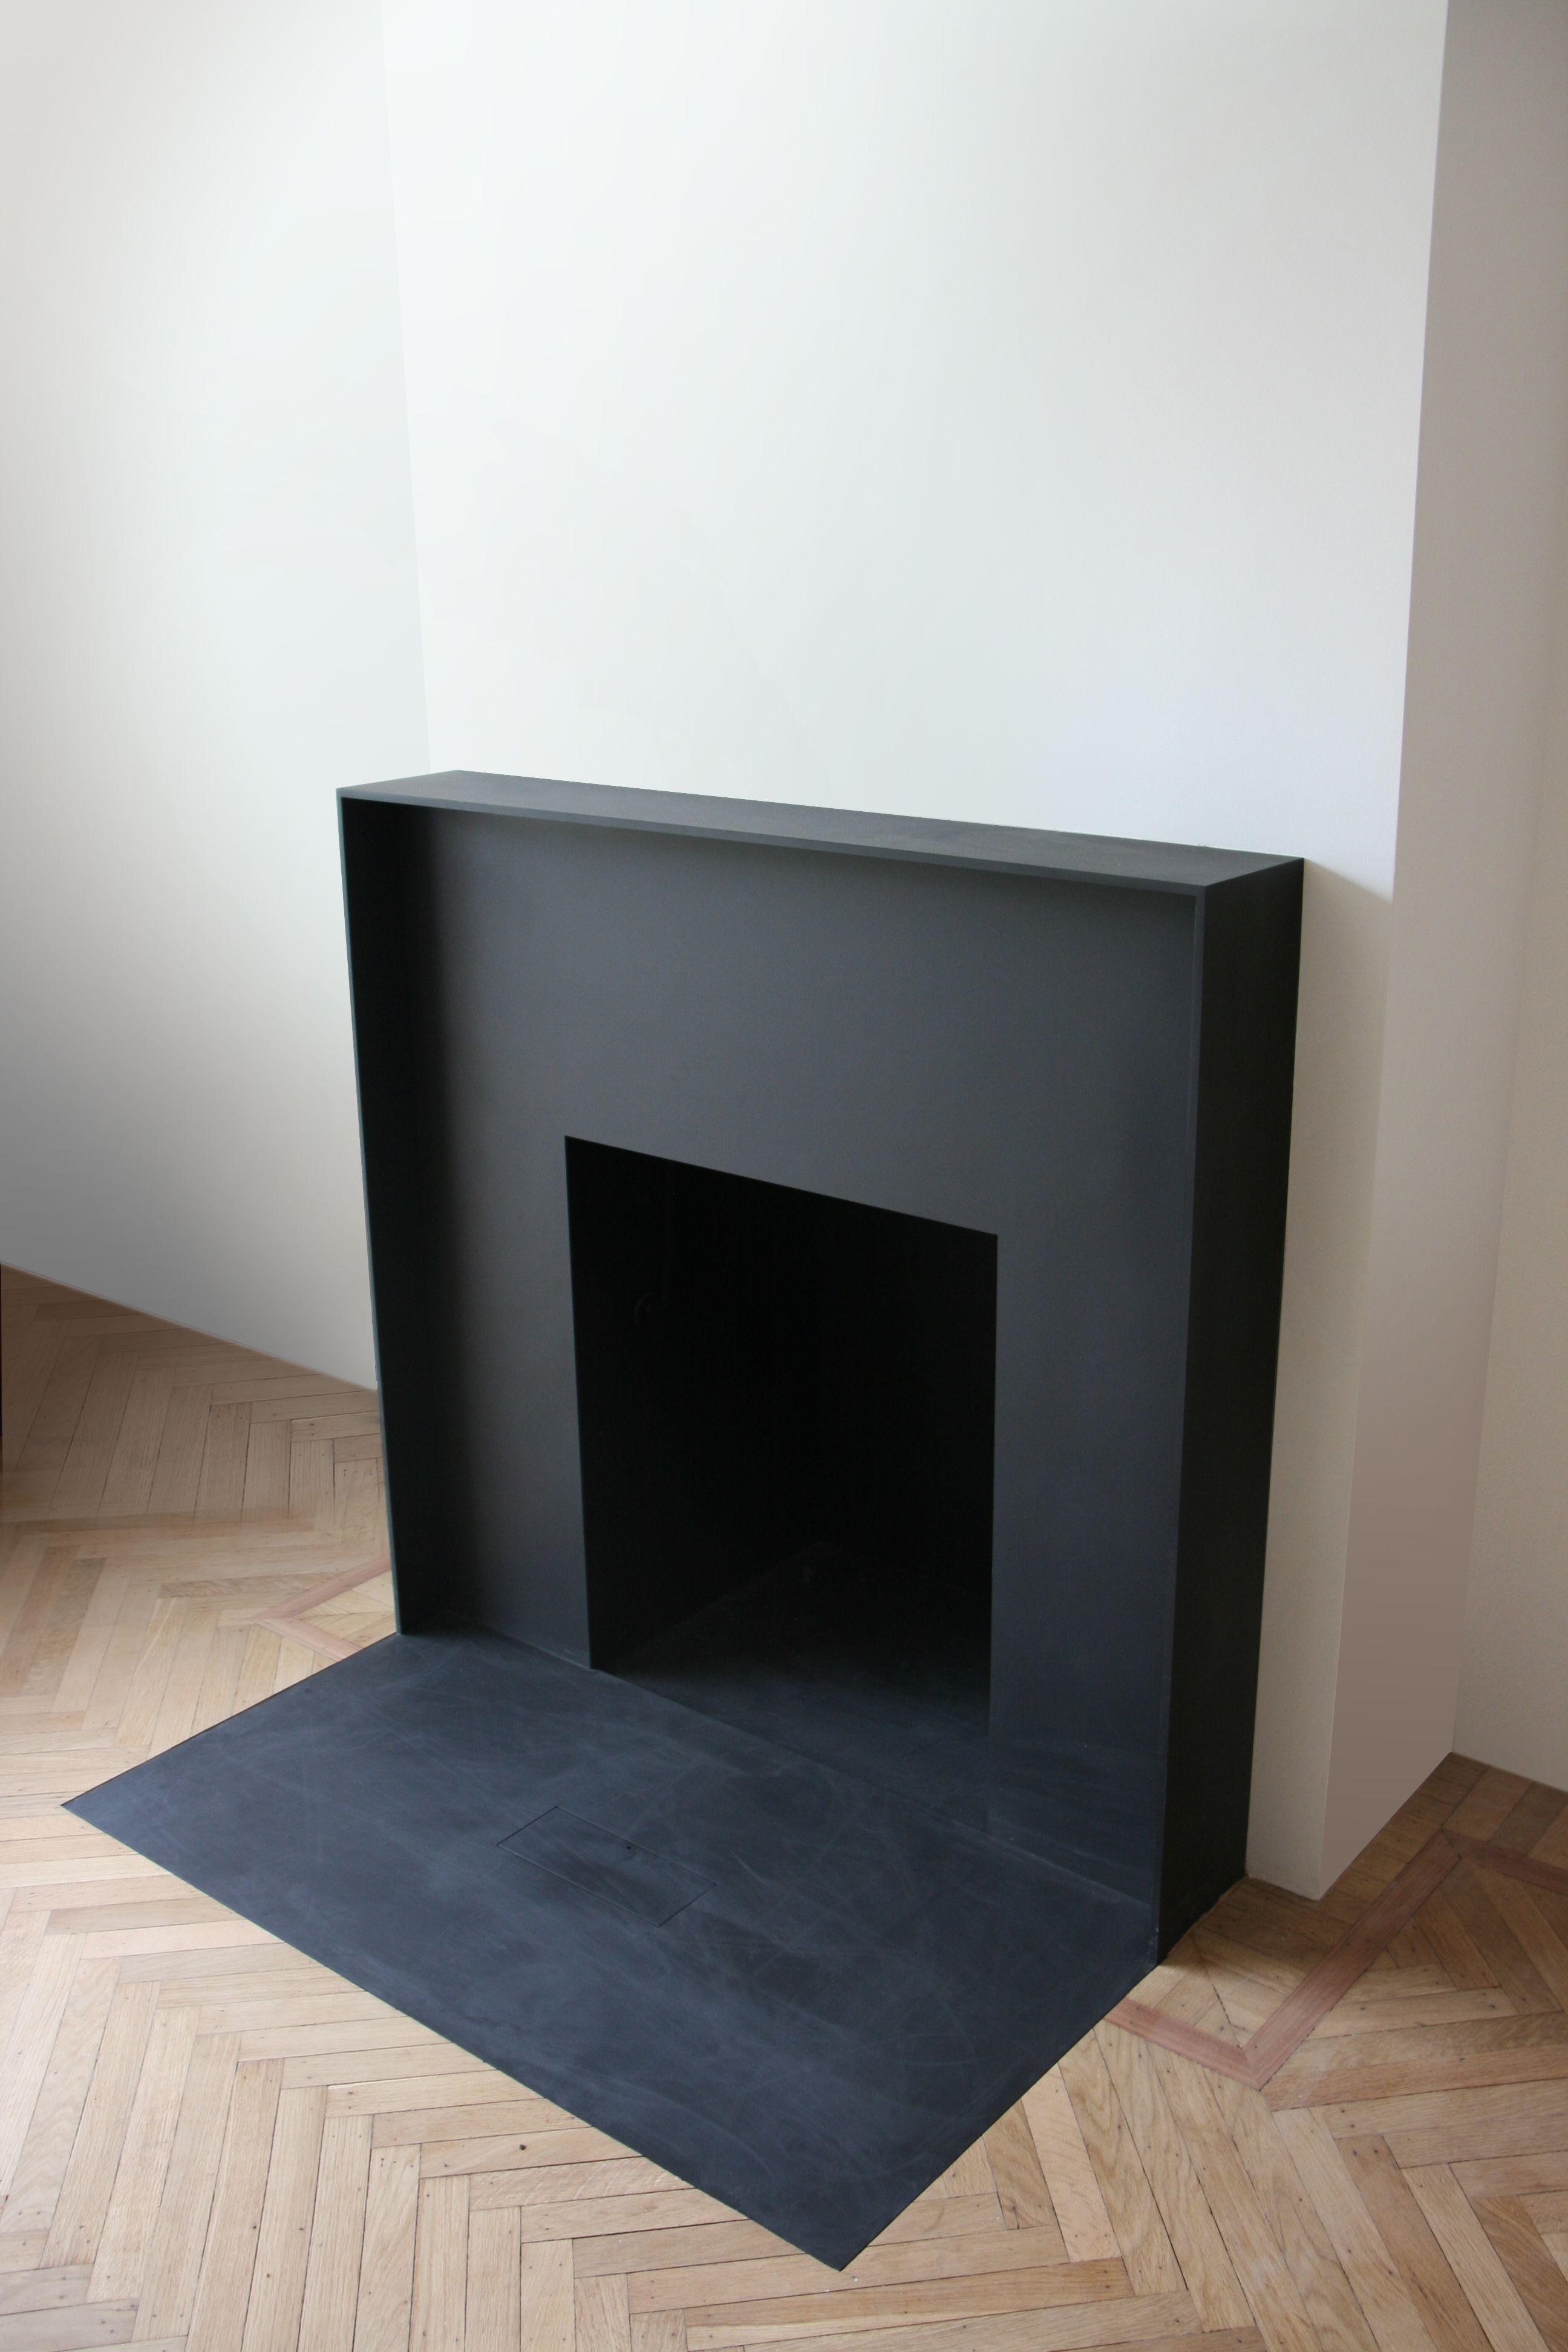 chemin e d corative minimaliste bois peinture noire d coration pinterest chemin e noire. Black Bedroom Furniture Sets. Home Design Ideas